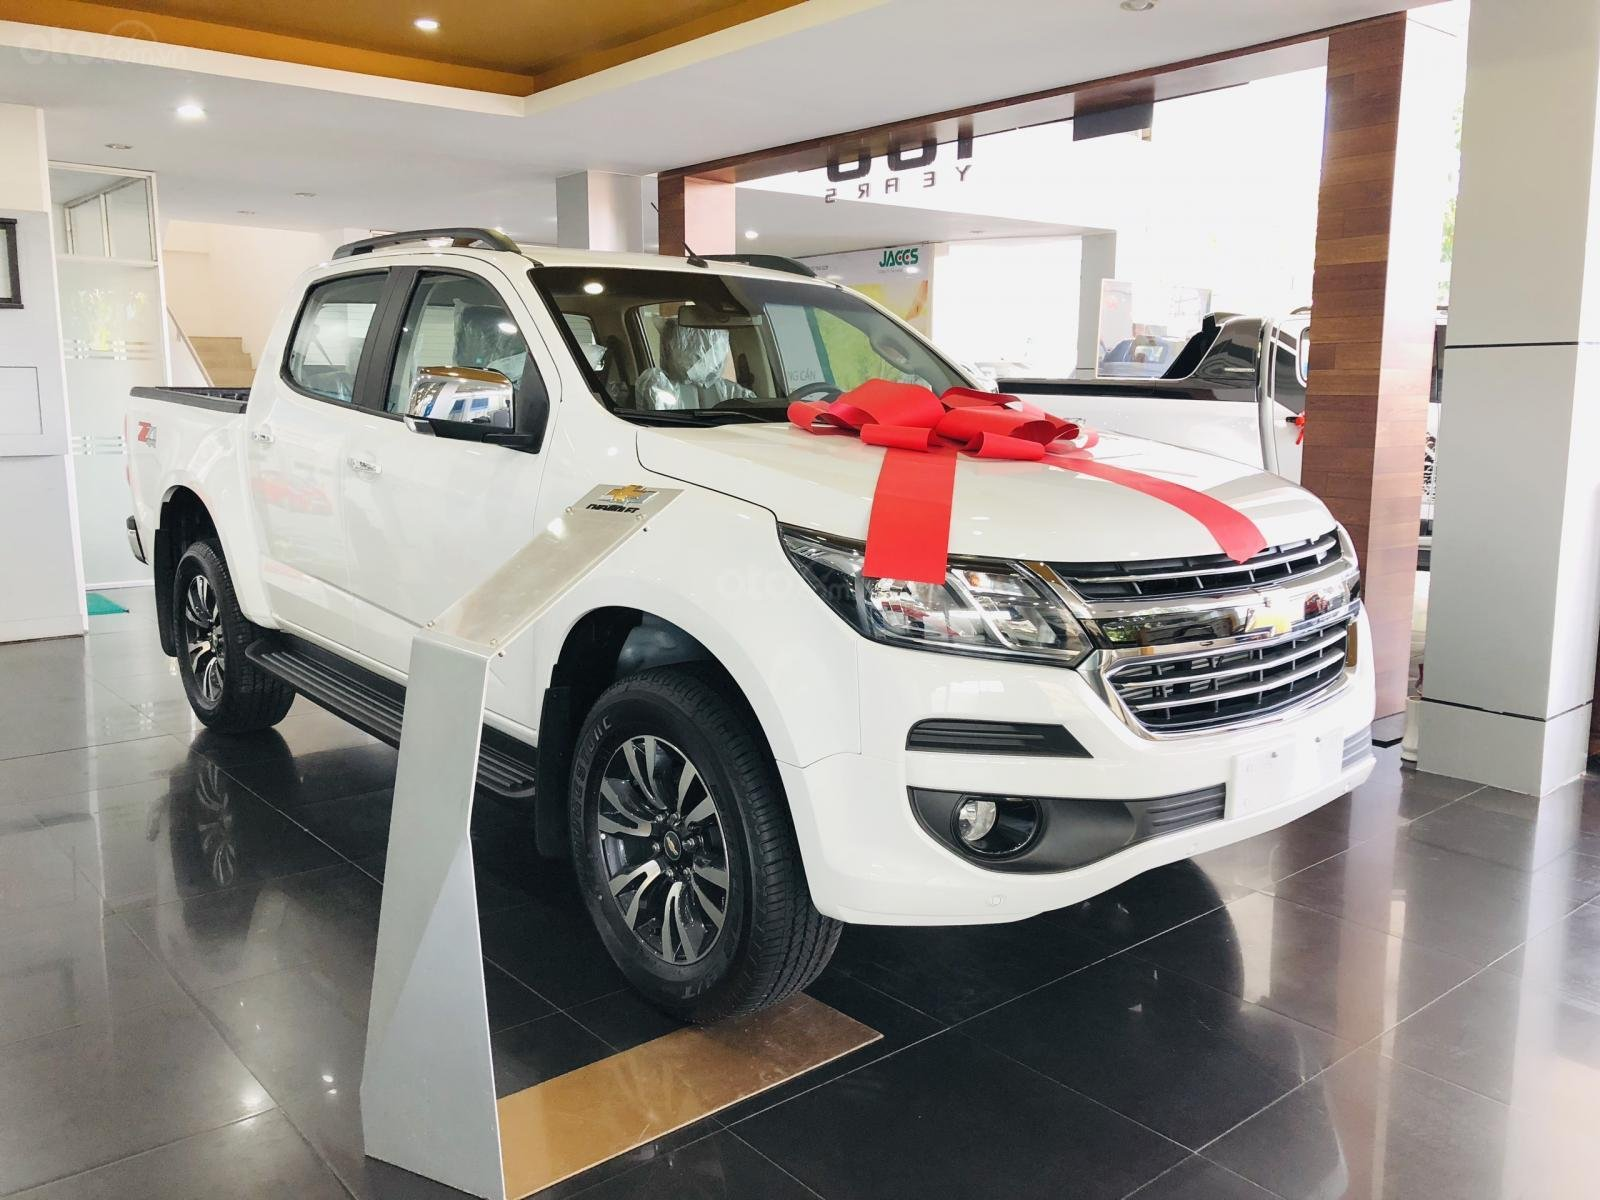 Bán Chevrolet Colorado nhập khẩu, có bán trả góp, khuyến mãi tiền mặt 50 triệu (2)